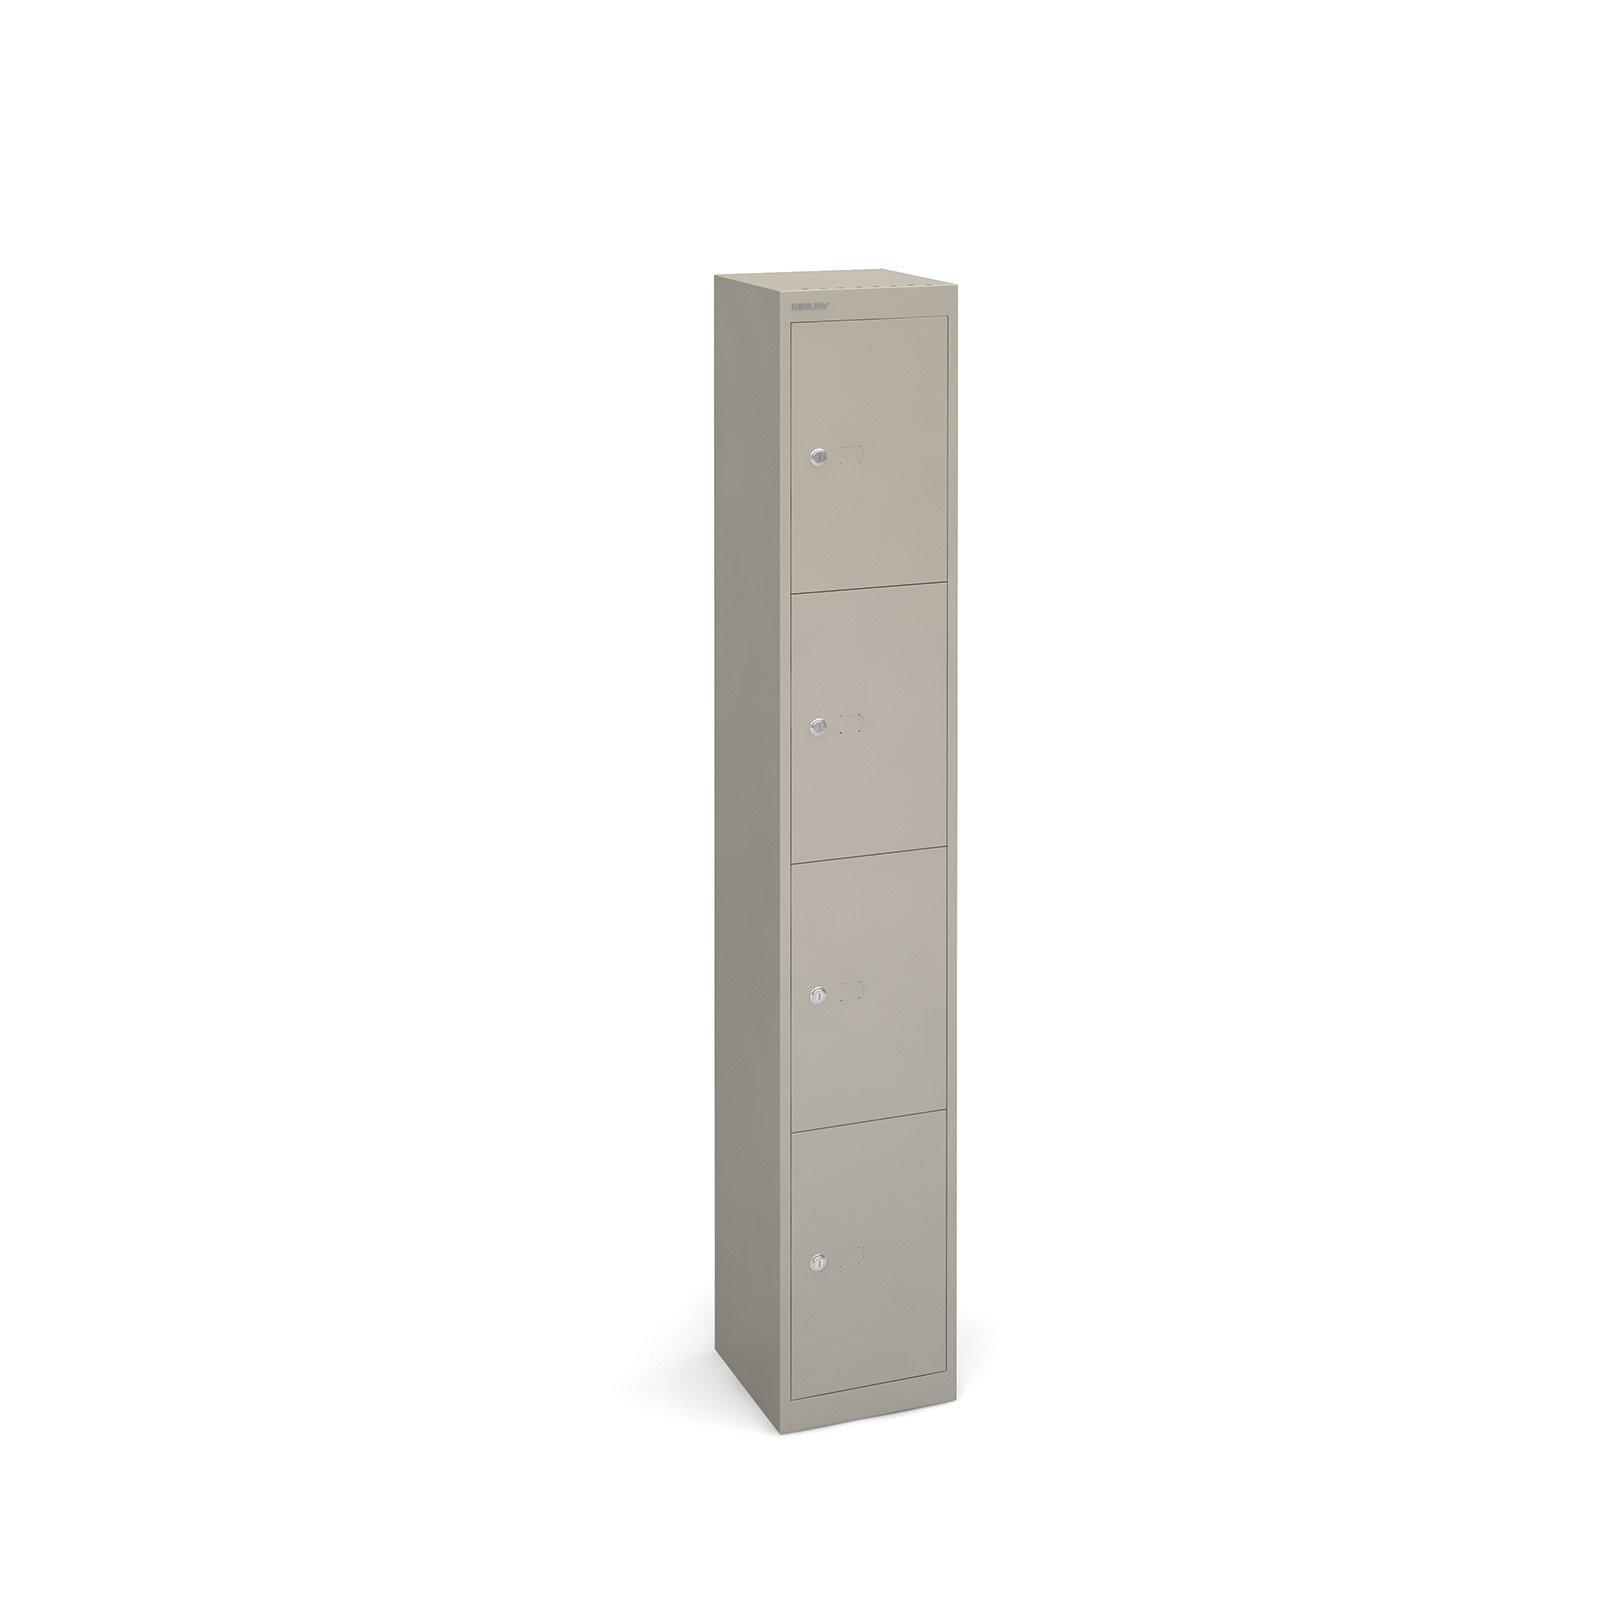 Bisley Lockers With 4 Doors 305mm Deep Grey